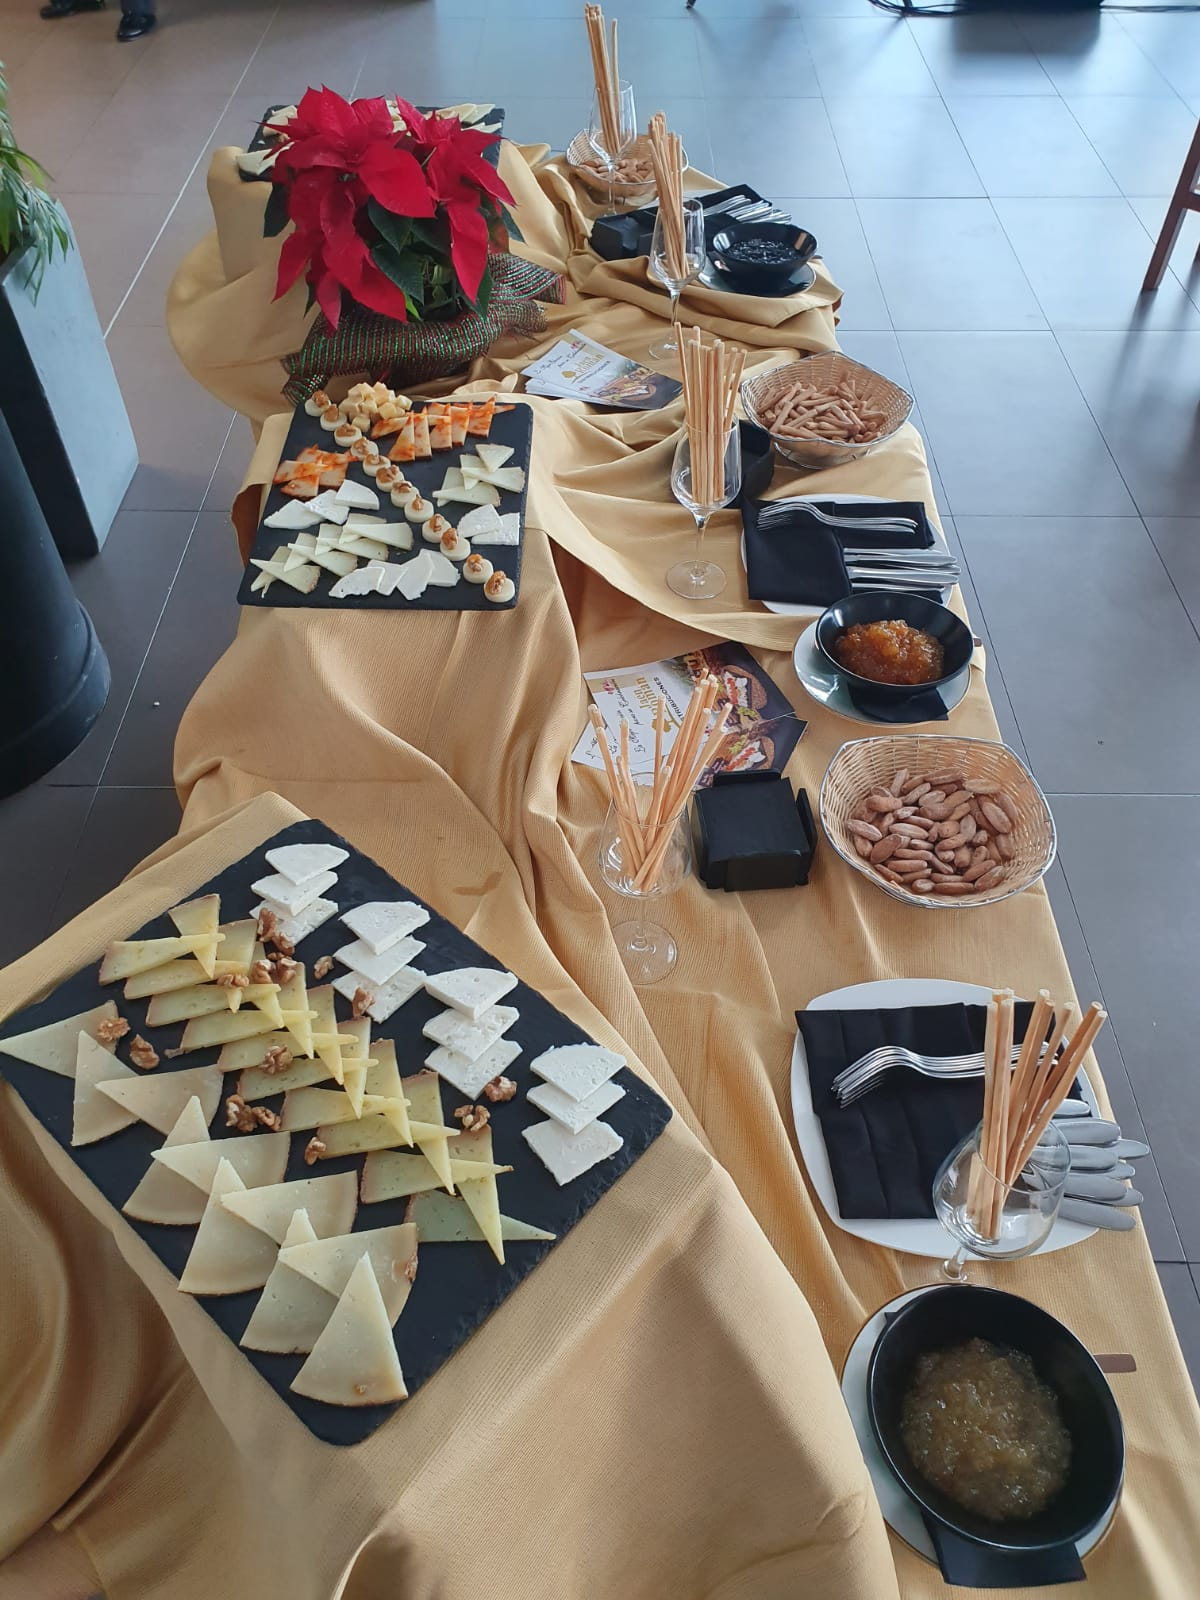 Servicio de buffet de quesos variados el bosqueño cortados en cuñas